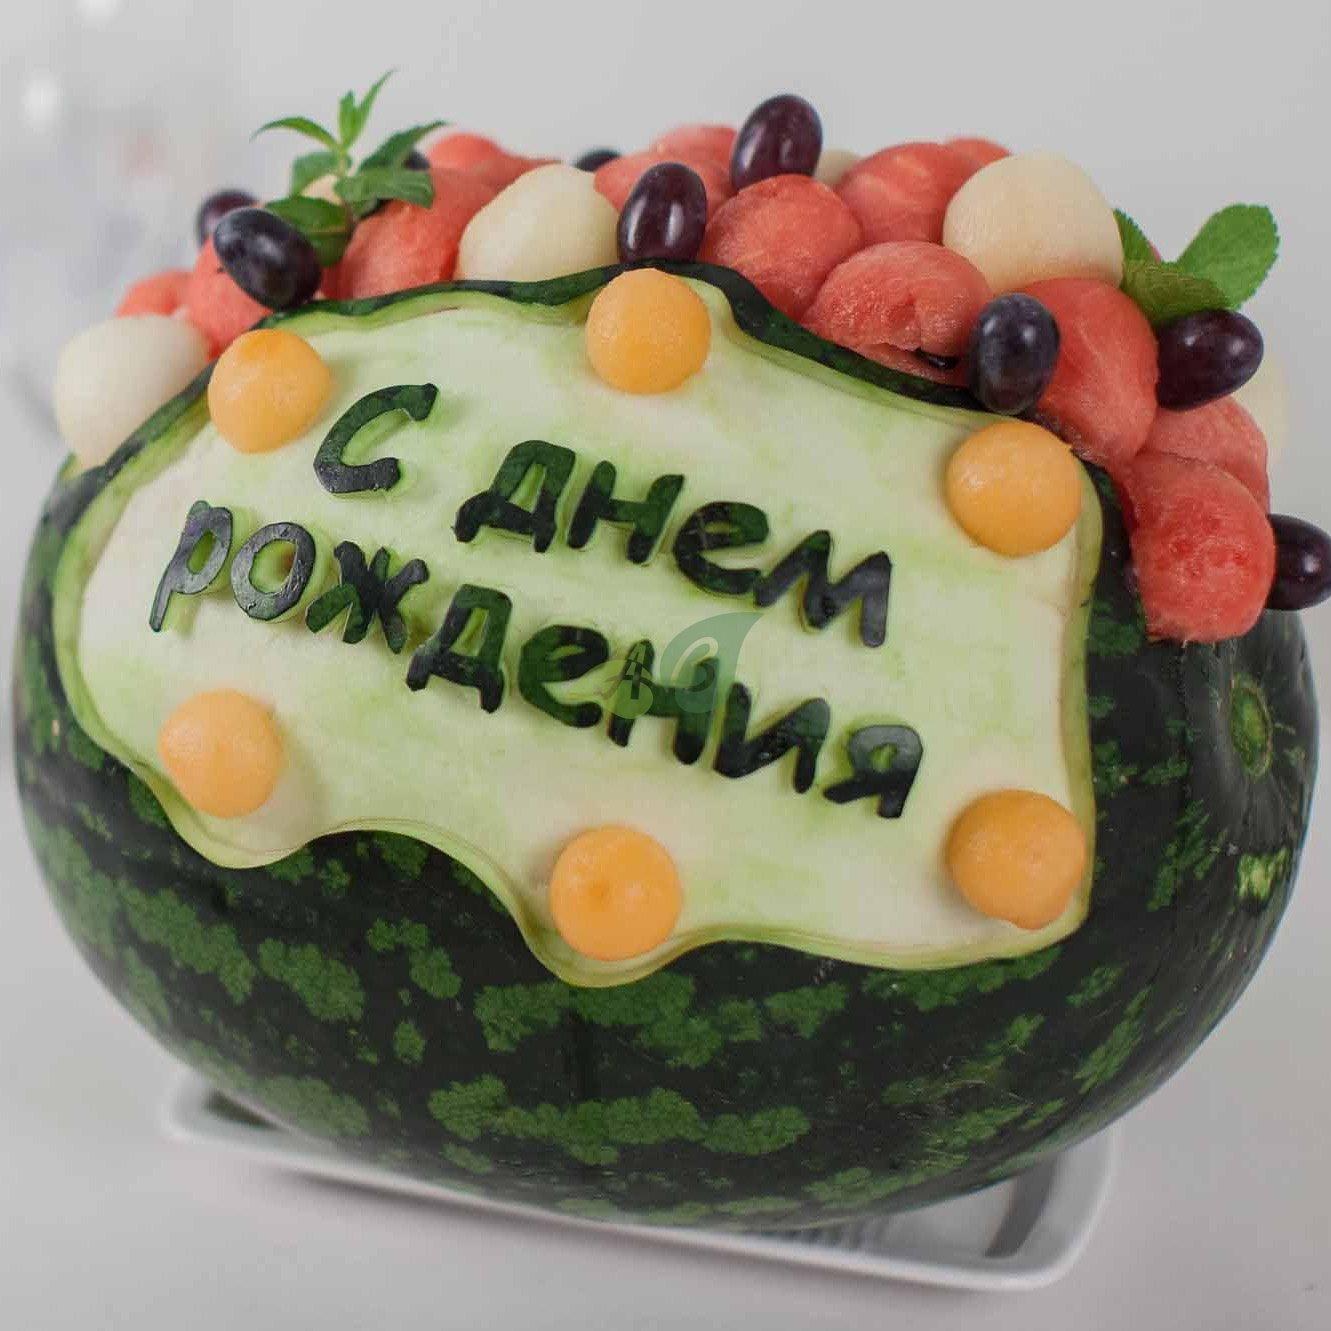 Поздравления с днем рождения эксперта 269